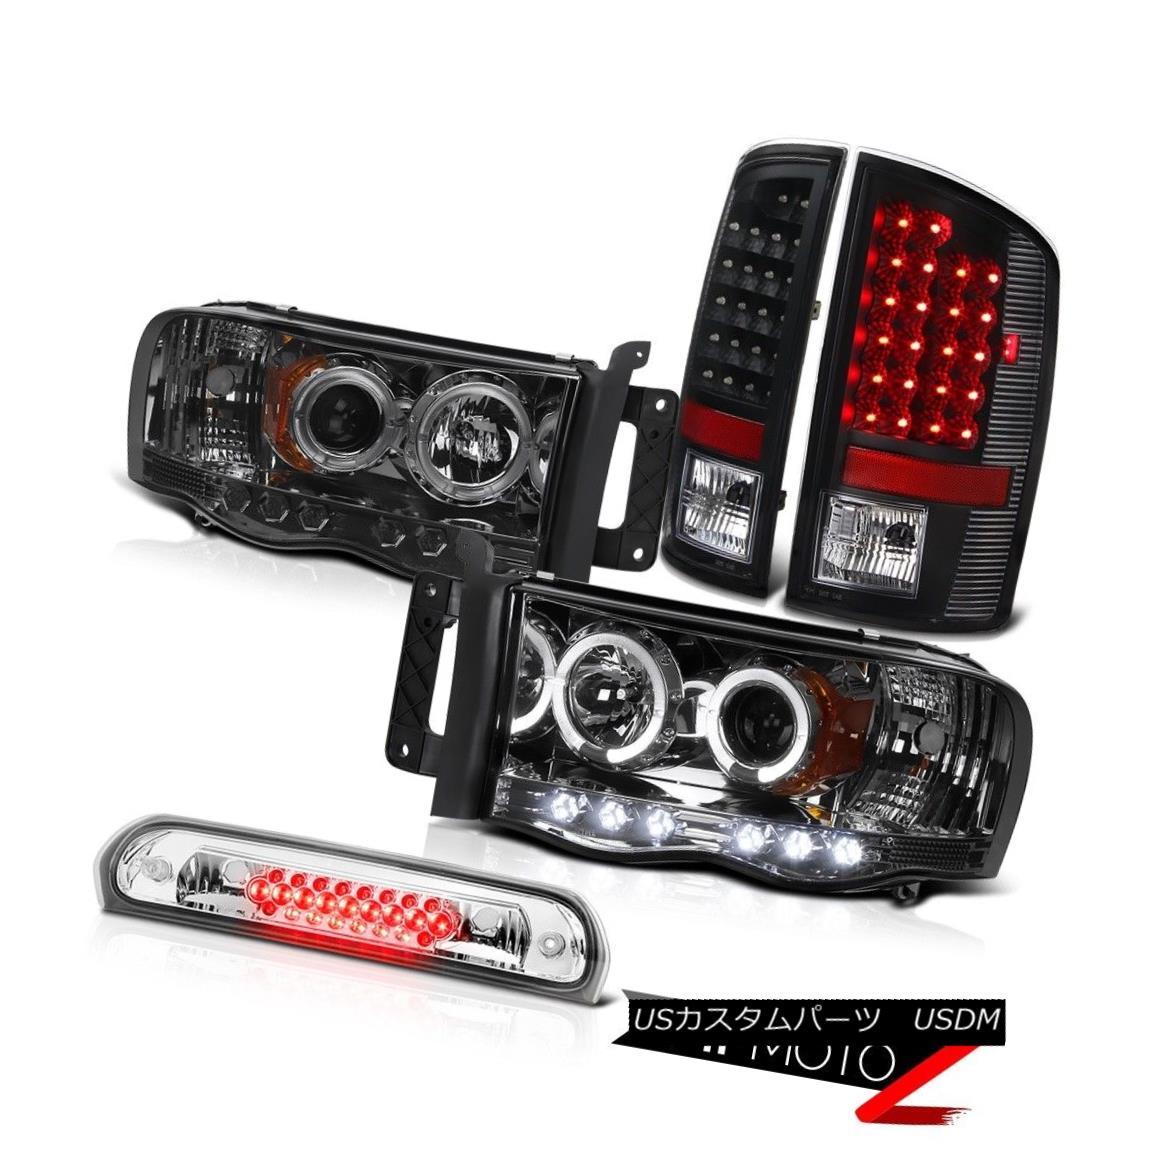 テールライト Projector Headlights Smoke Black LED Tail Lamps Brake Cargo 02 03 04 05 Ram WS プロジェクターヘッドライトスモークブラックLEDテールランプブレーキカーゴ02 03 04 05 Ram WS